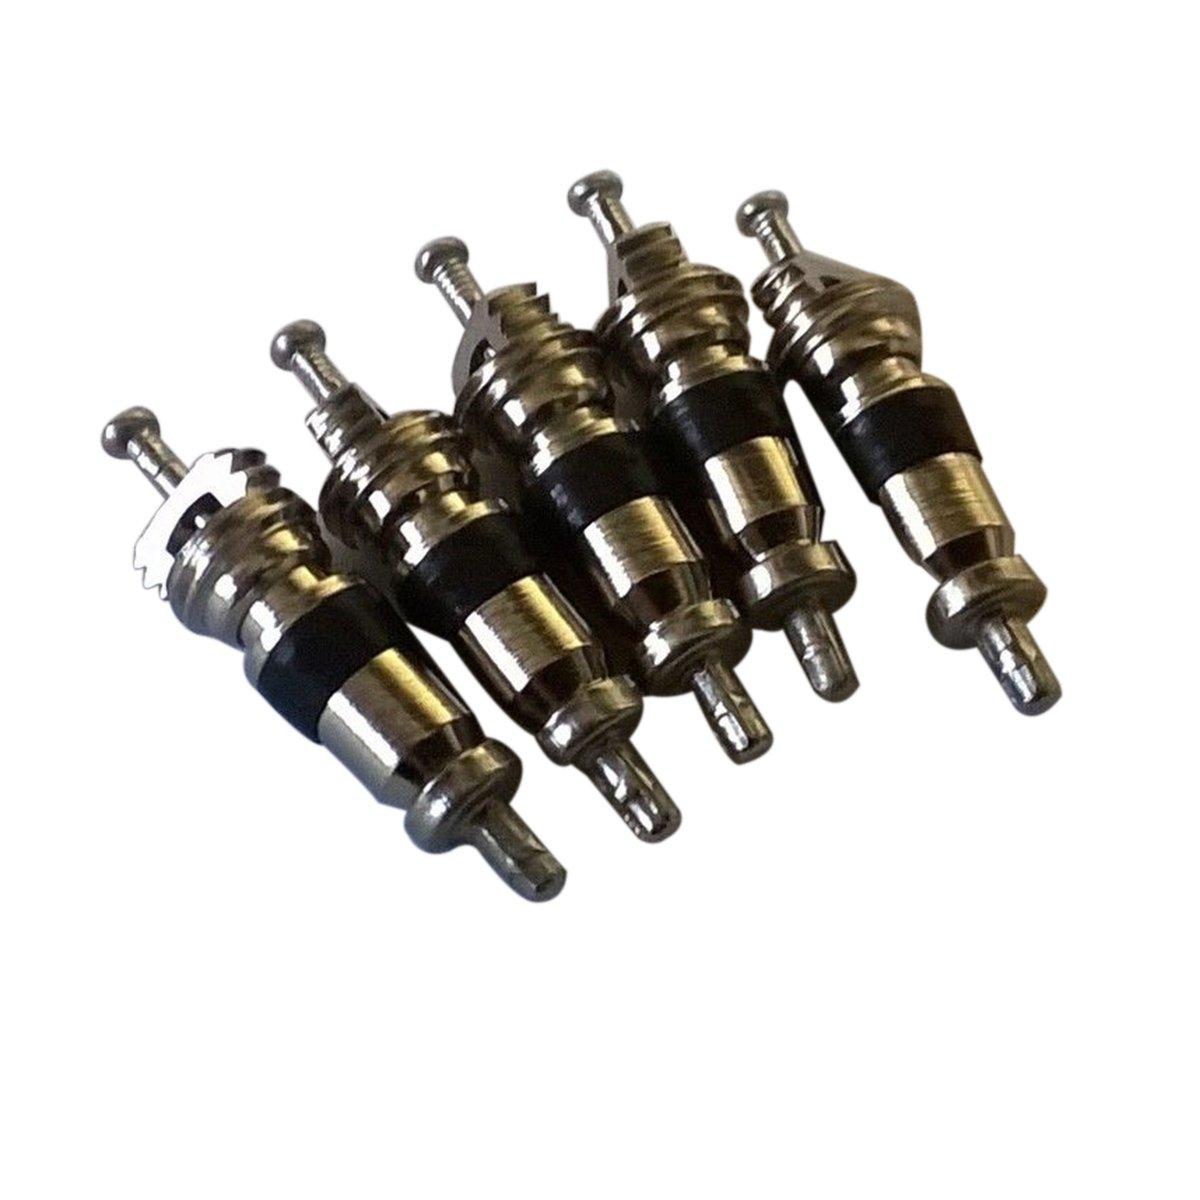 VORCOOL pneumatici Valvola Core Remover rimozione Tool chiave 5/Inserti per auto bici moto auto camion pneumatici moto valvola del pneumatico Stem Nucleo ricambio per notebook